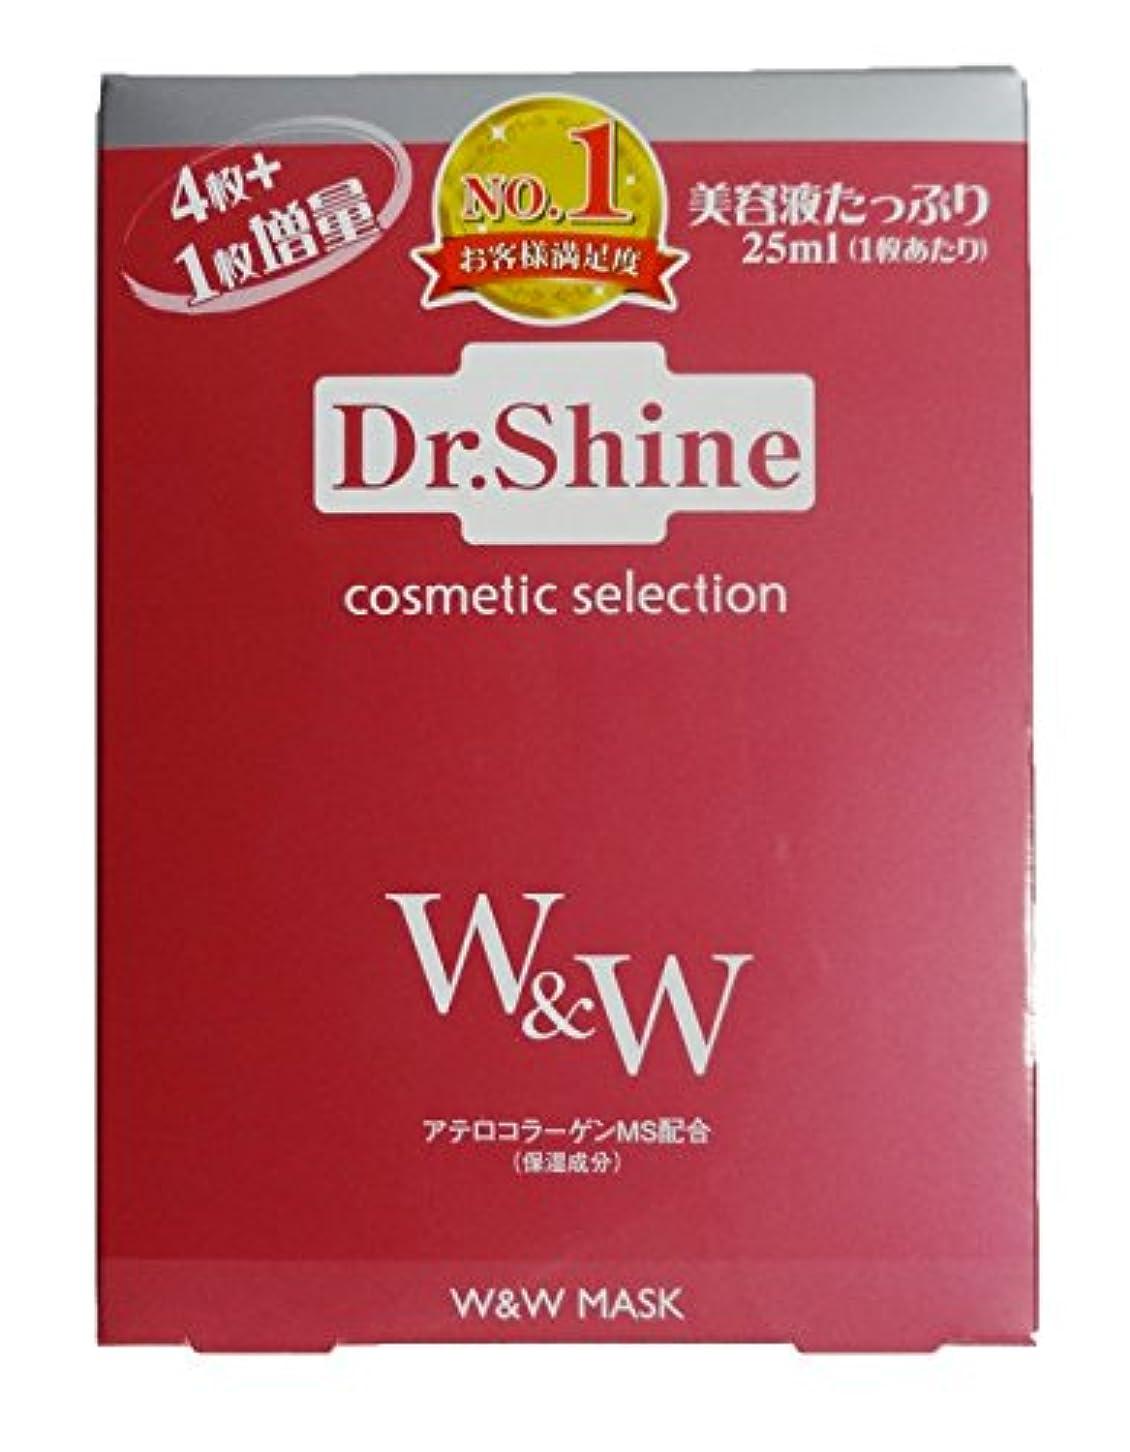 勝利した申し立て禁止するDr.Shine(ドクターシャイン) フェイスマスクW&W 5枚入